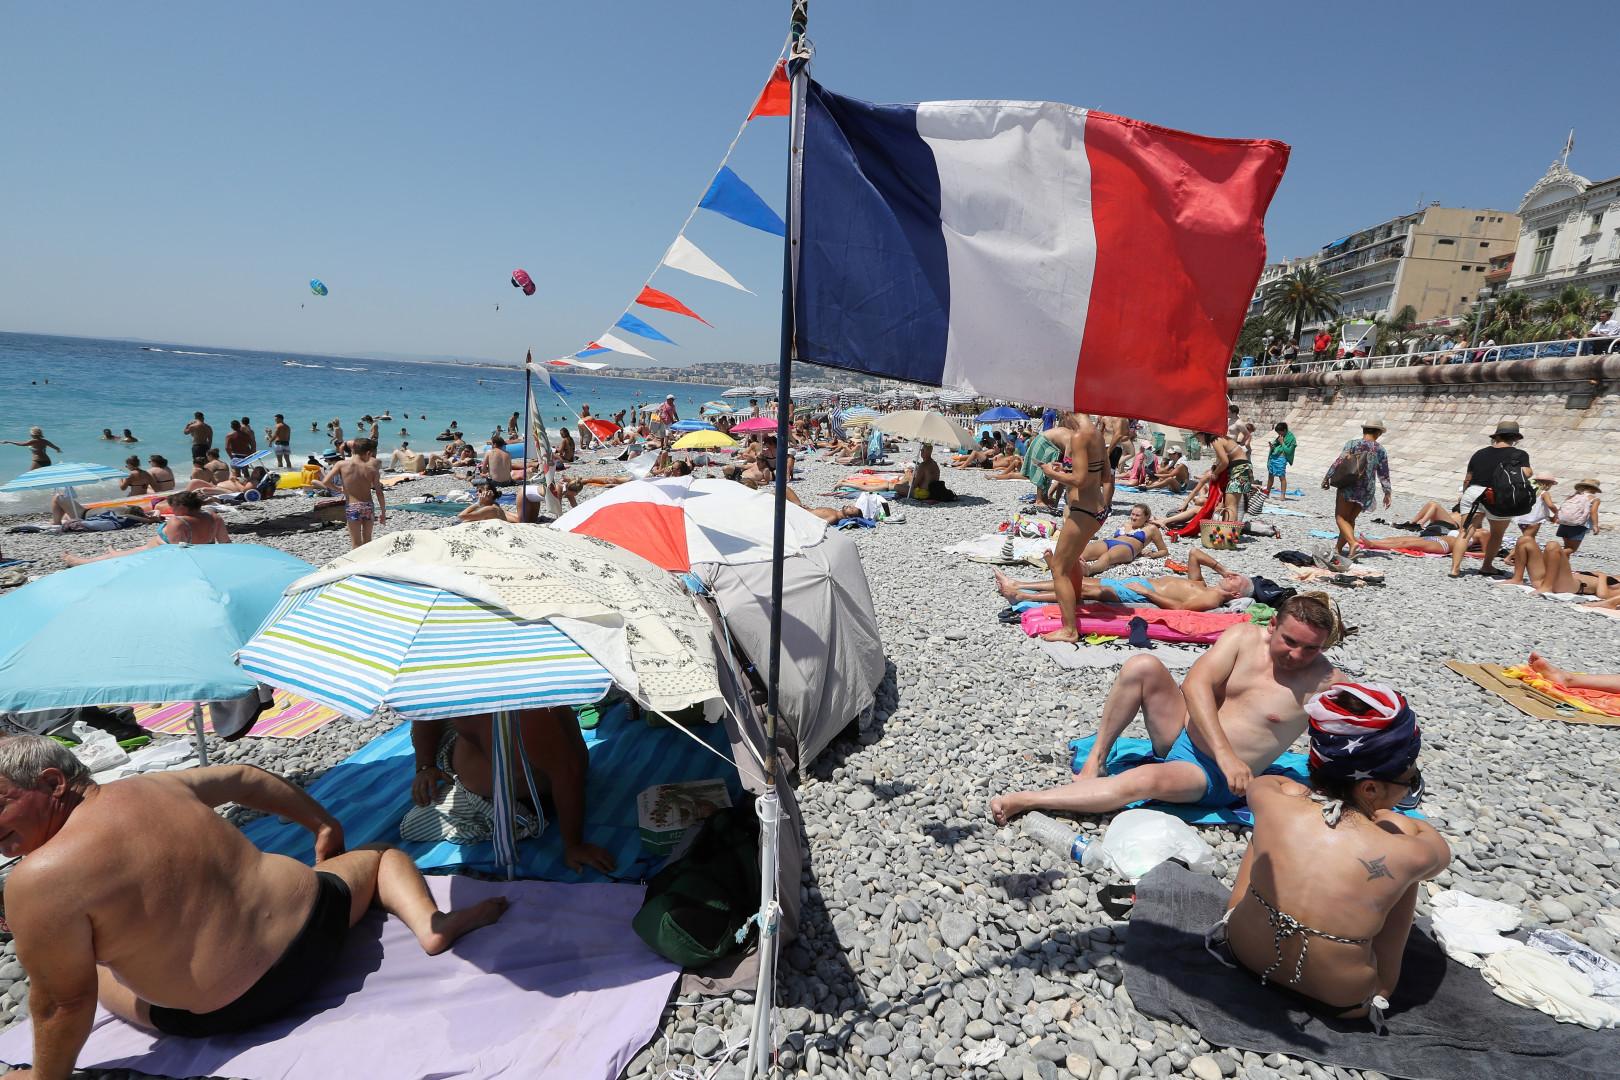 Les Français supportent les Bleus, y compris depuis la plage, ici à Nice, le 15 juillet 2018, quelques heures avant la finale de la Coupe du Monde.